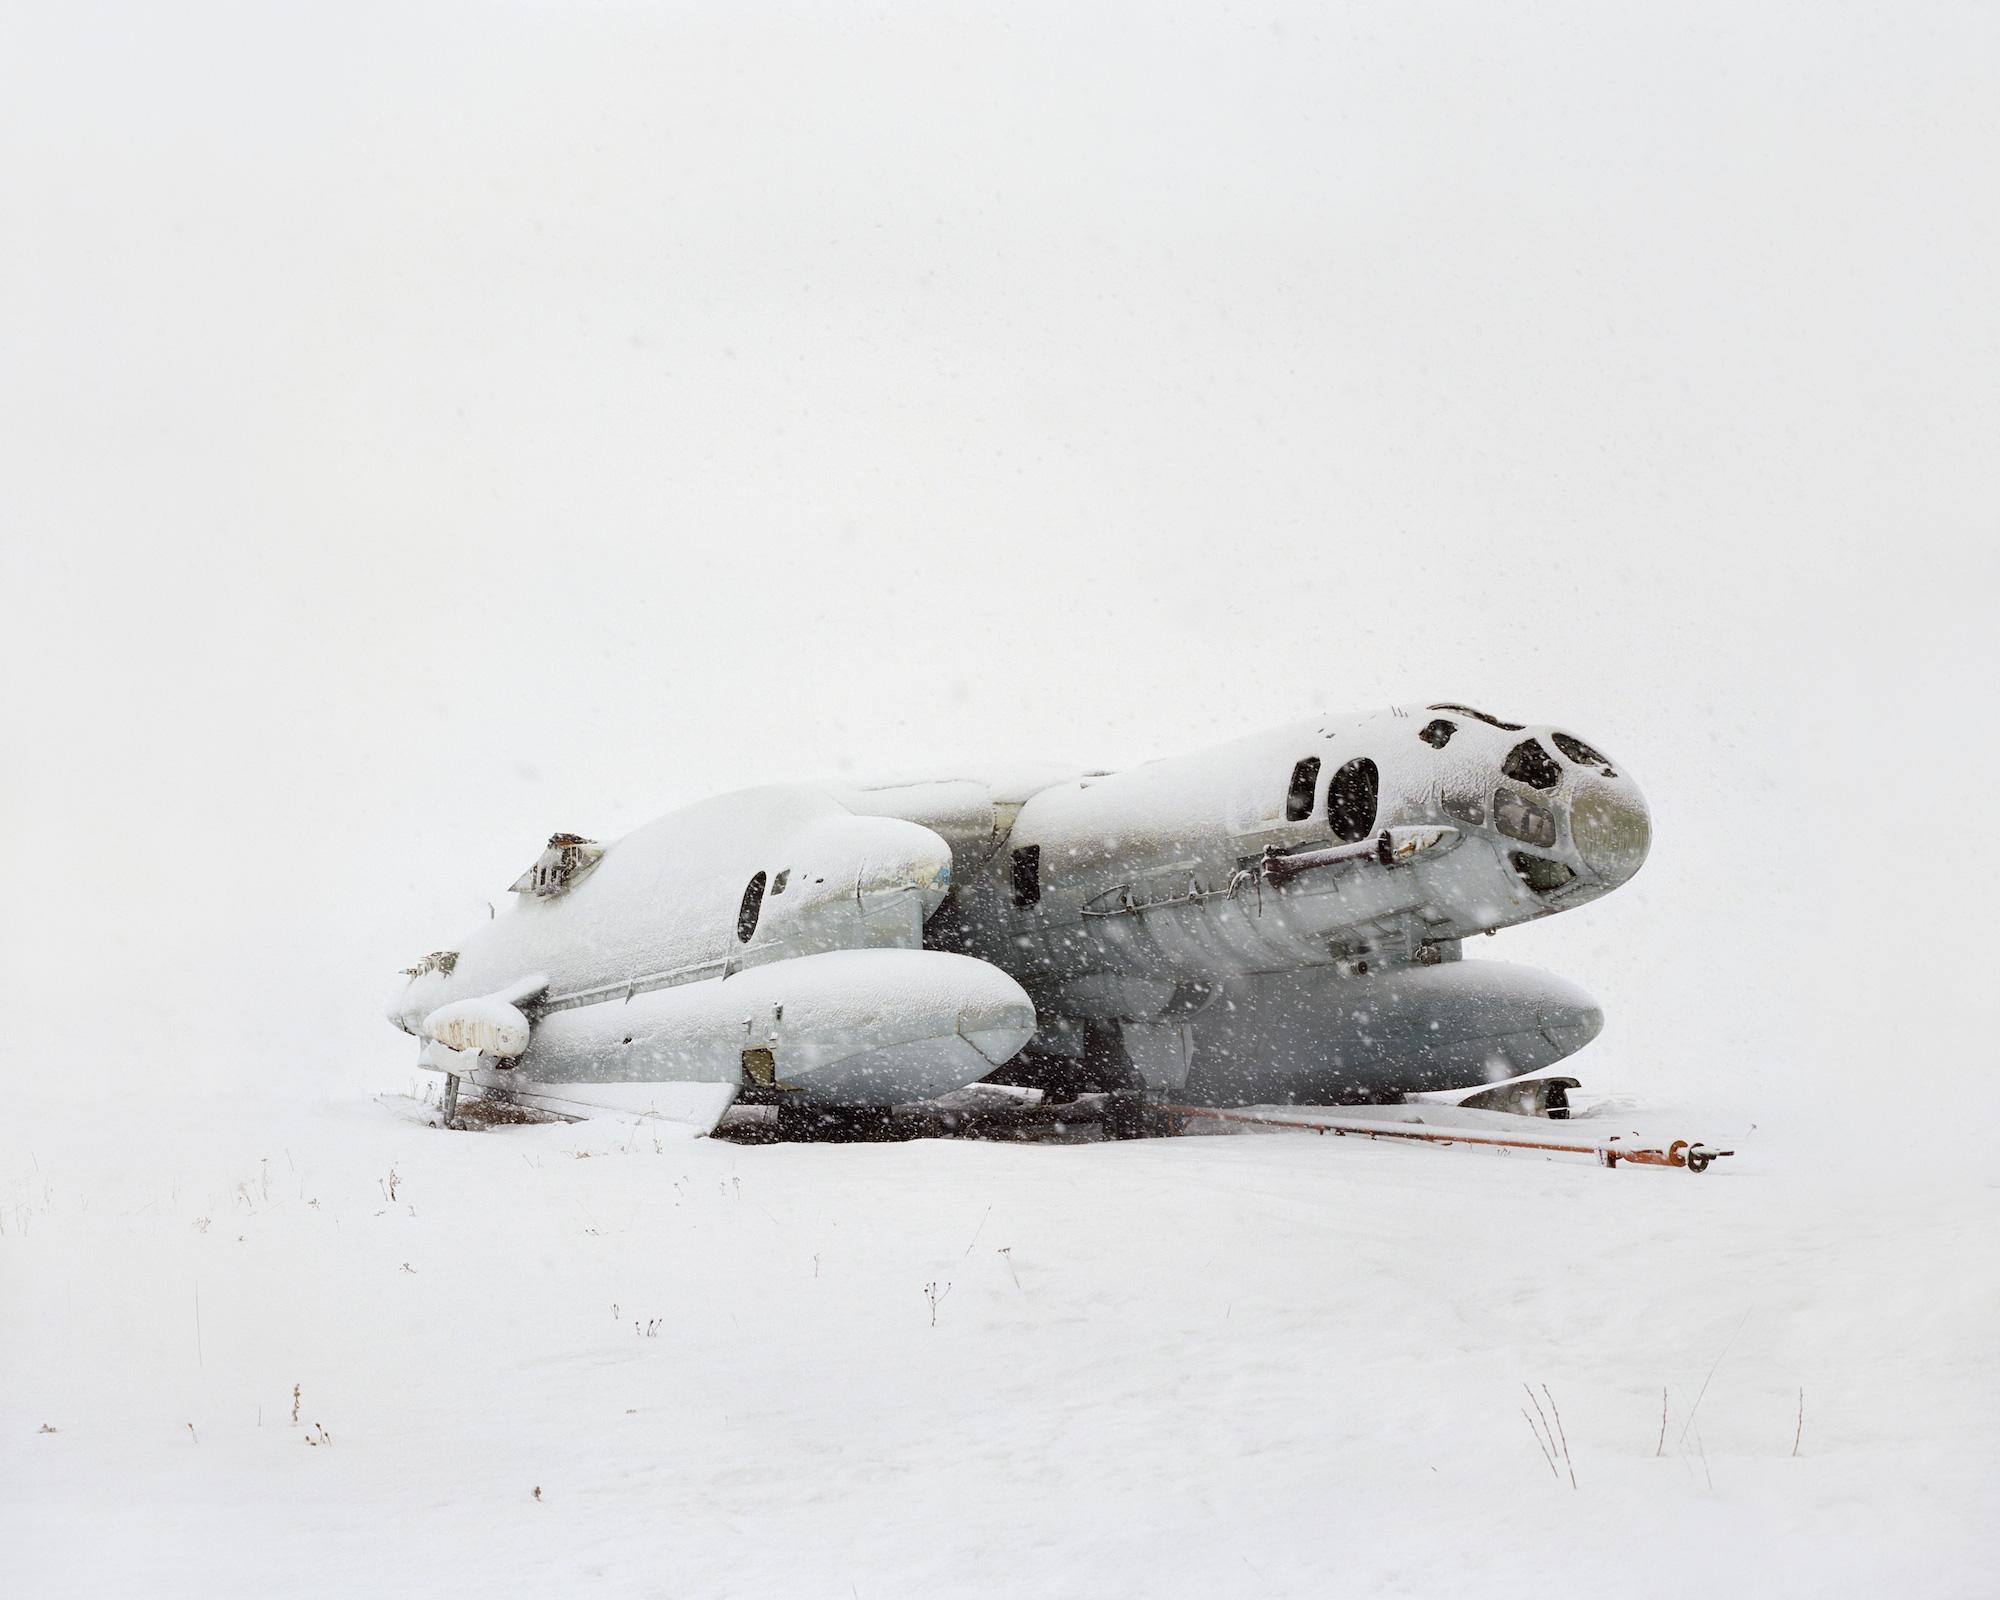 Berijew WWA–14, Amphibien-Flugzeug mit Senkrechtstart-Möglichkeit (VTOL) – Russland, Monino bei Moskau, 2013